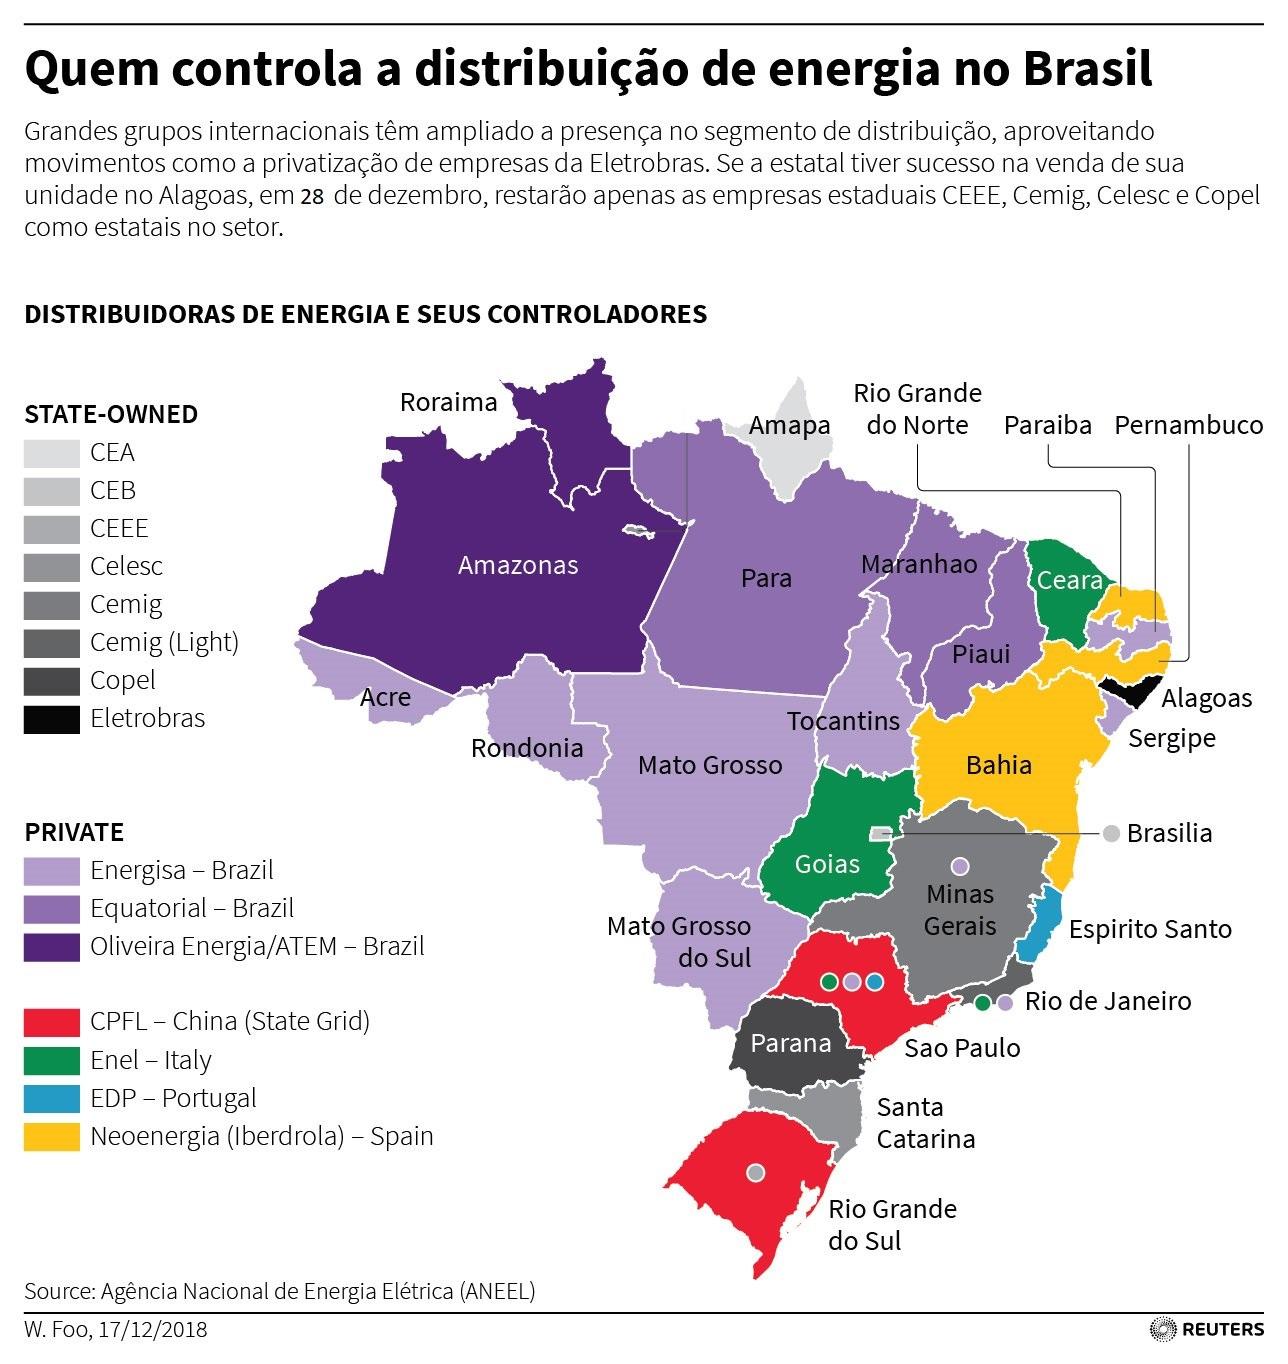 Imagem: Mapa das distribuidoras de energia do Brasil. Fonte: Reuters